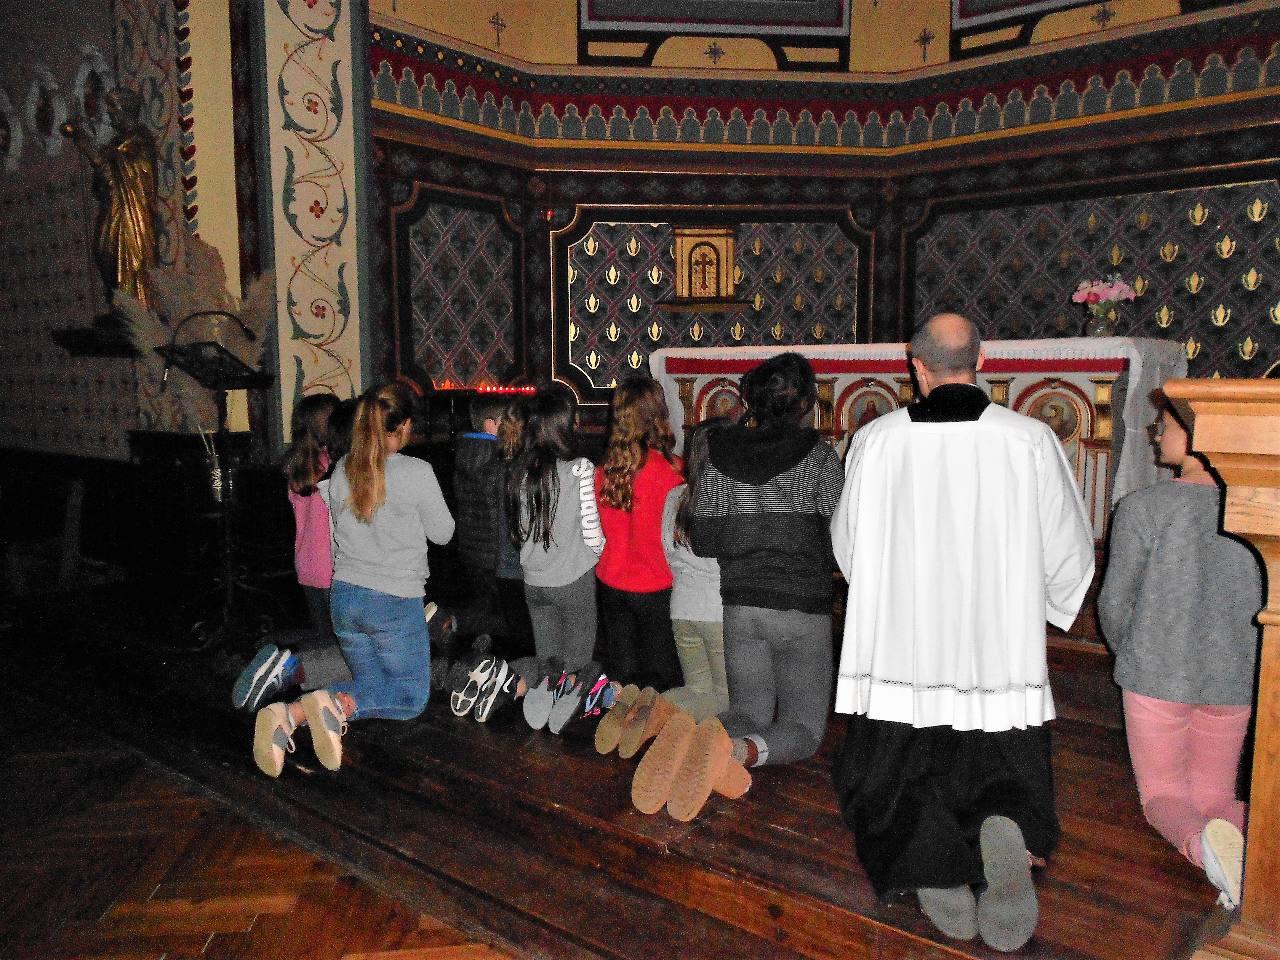 Nos jeunes 6e fin prêts pour accueillir Jésus à Noël!